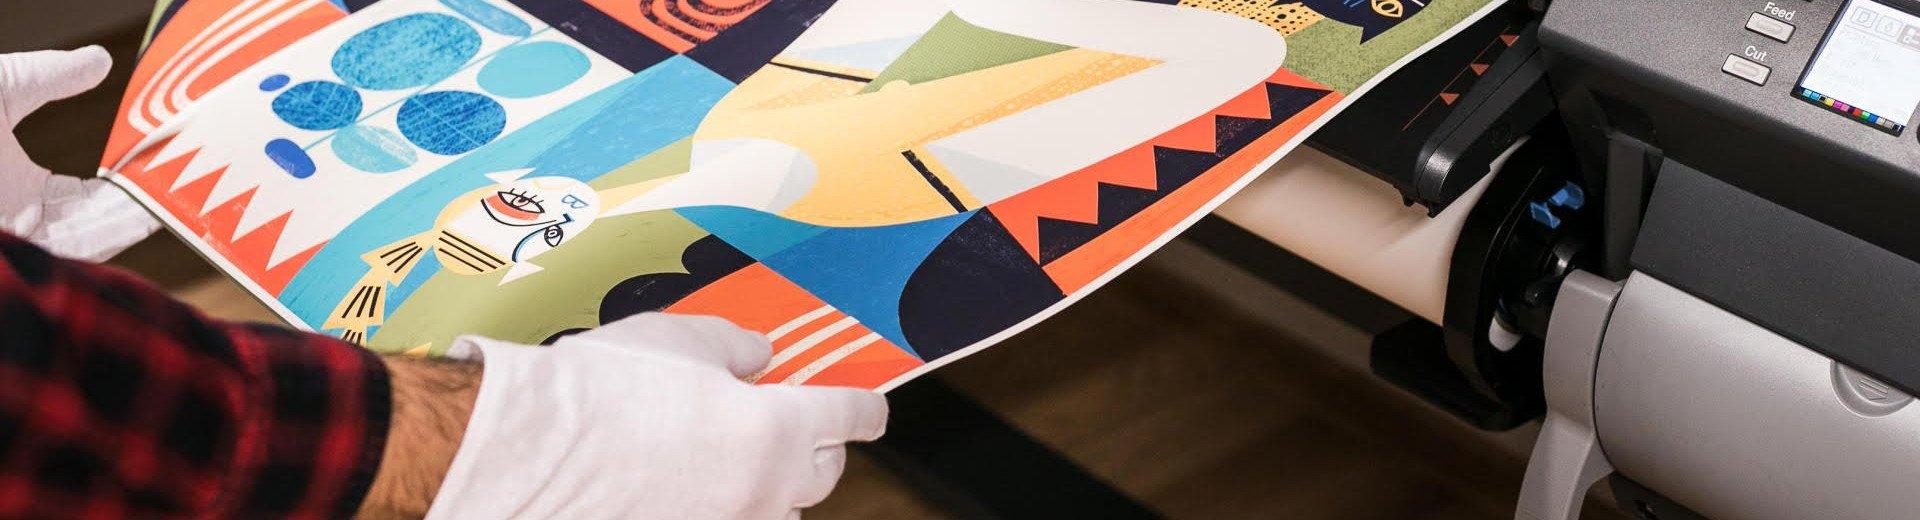 Okładka artykułu Druk pigmentowy — Czym się charakteryzuje, kiedy go stosować i jak przygotować pliki?